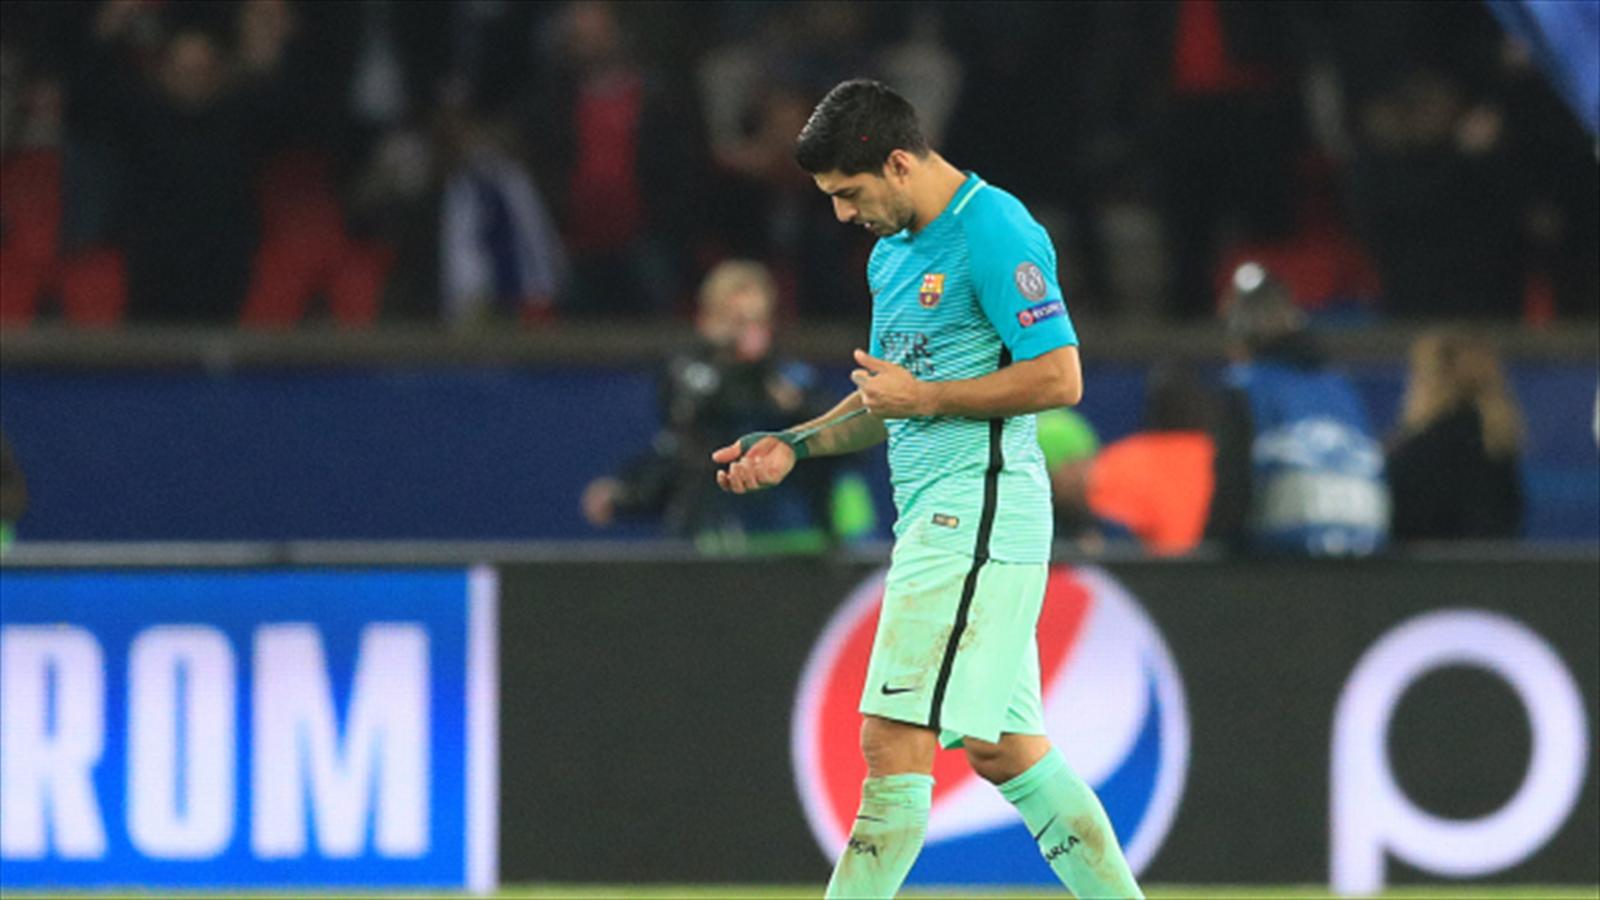 Barcelona appeal luis suarez copa del rey dismissal to cas - University league tables french ...